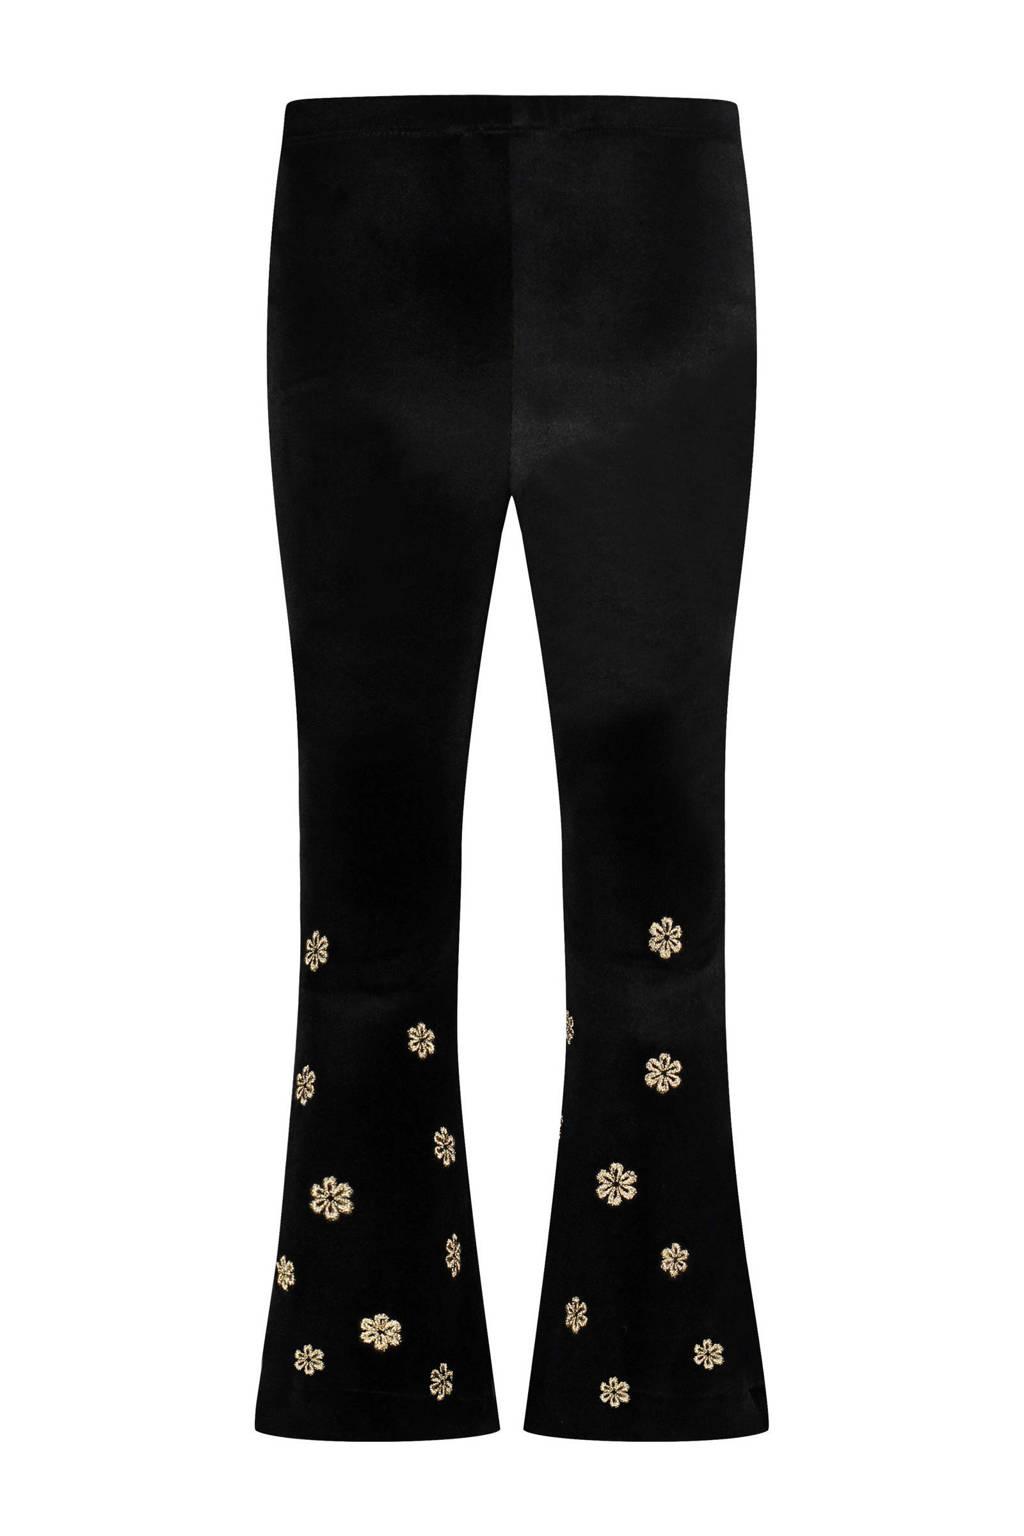 Catwalk Junkie x Huismuts flared broek Golden Flower met panterprint en borduursels zwart, Zwart